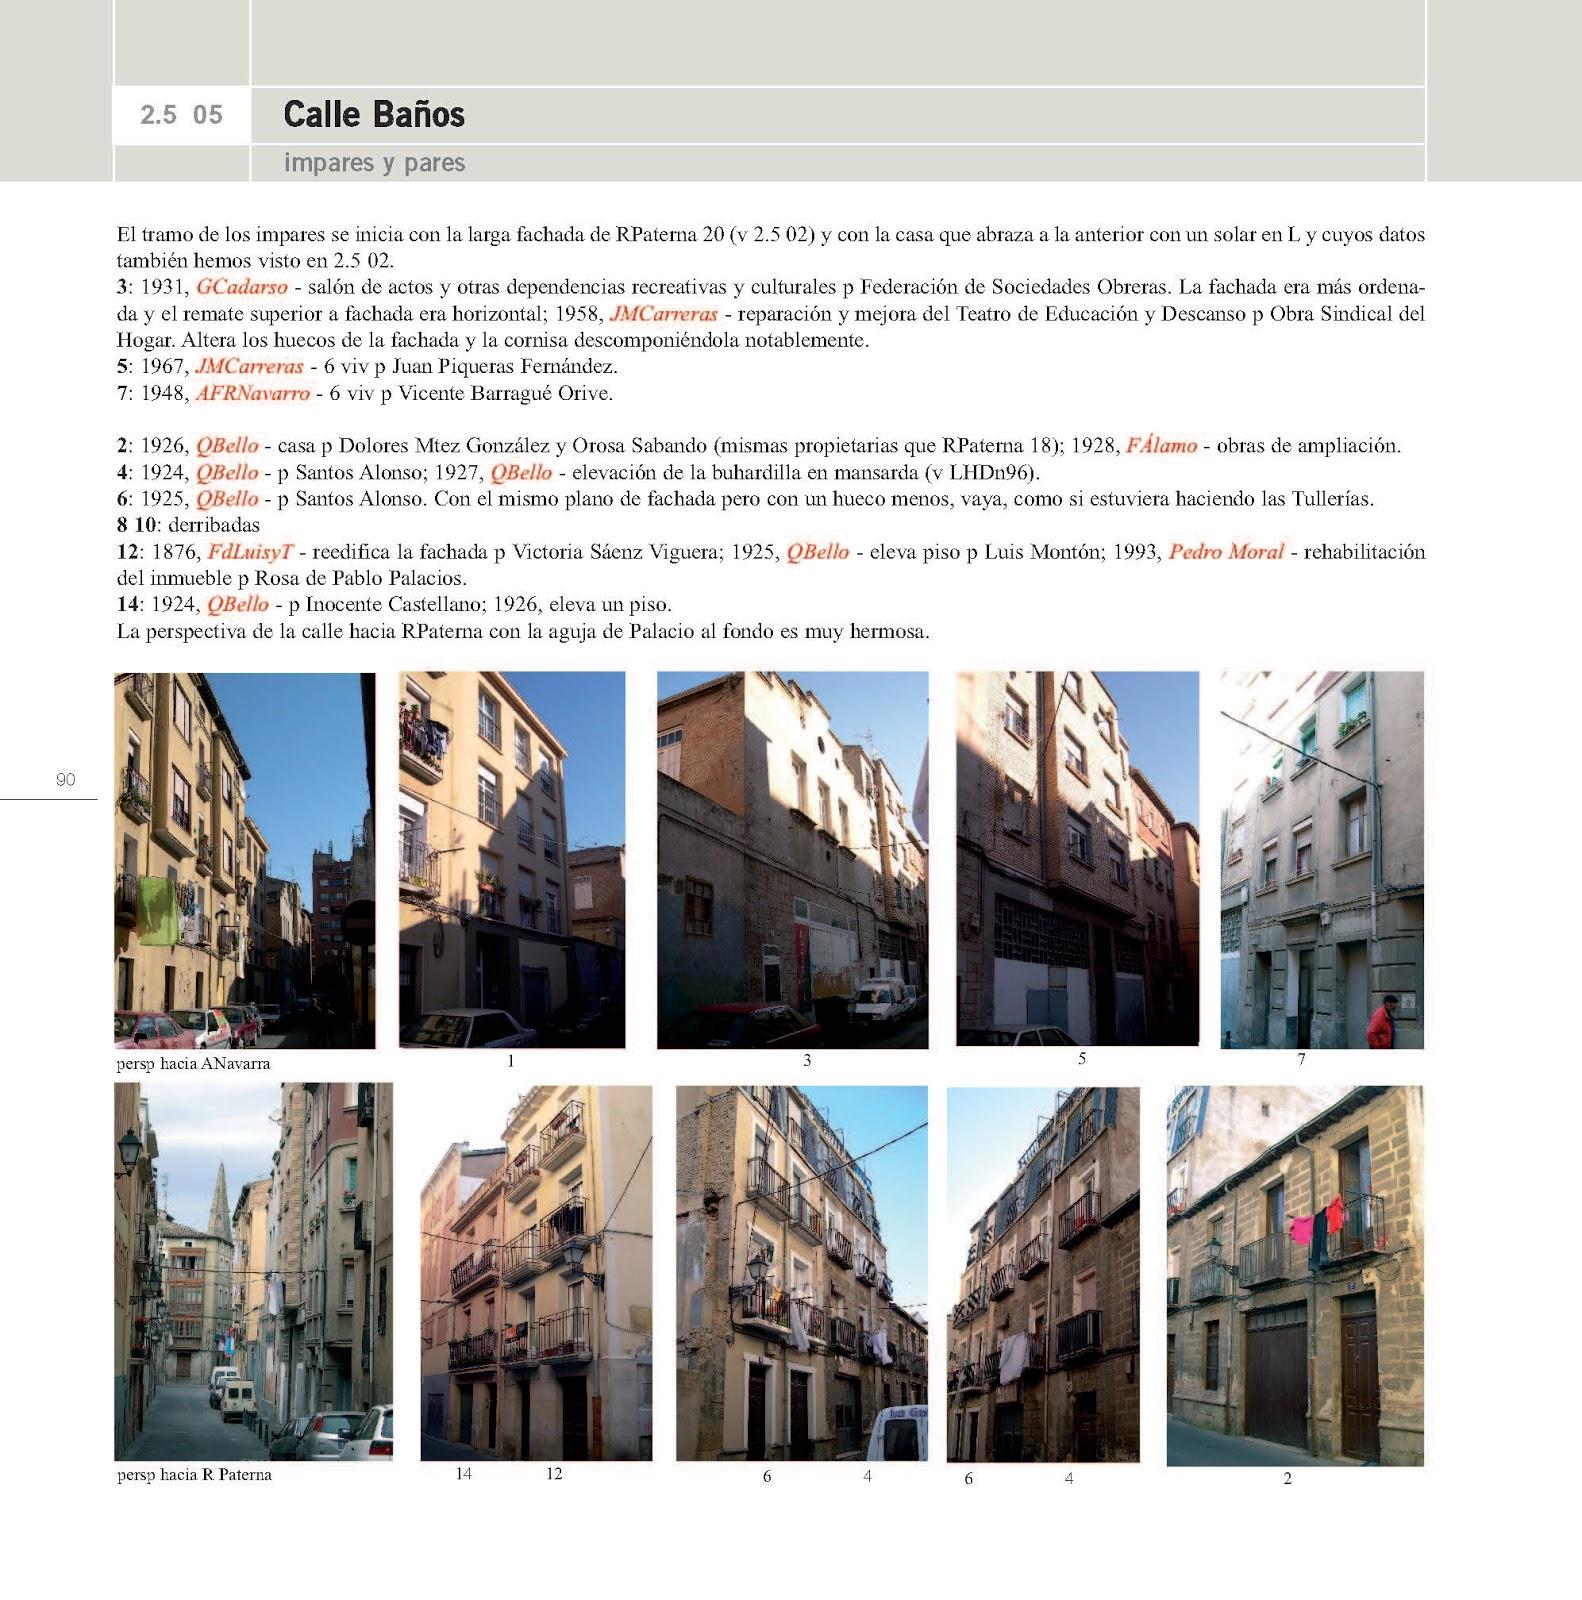 Guia De Arquitectura De Logro O Paginas 2 5 05 Calle Ba Os